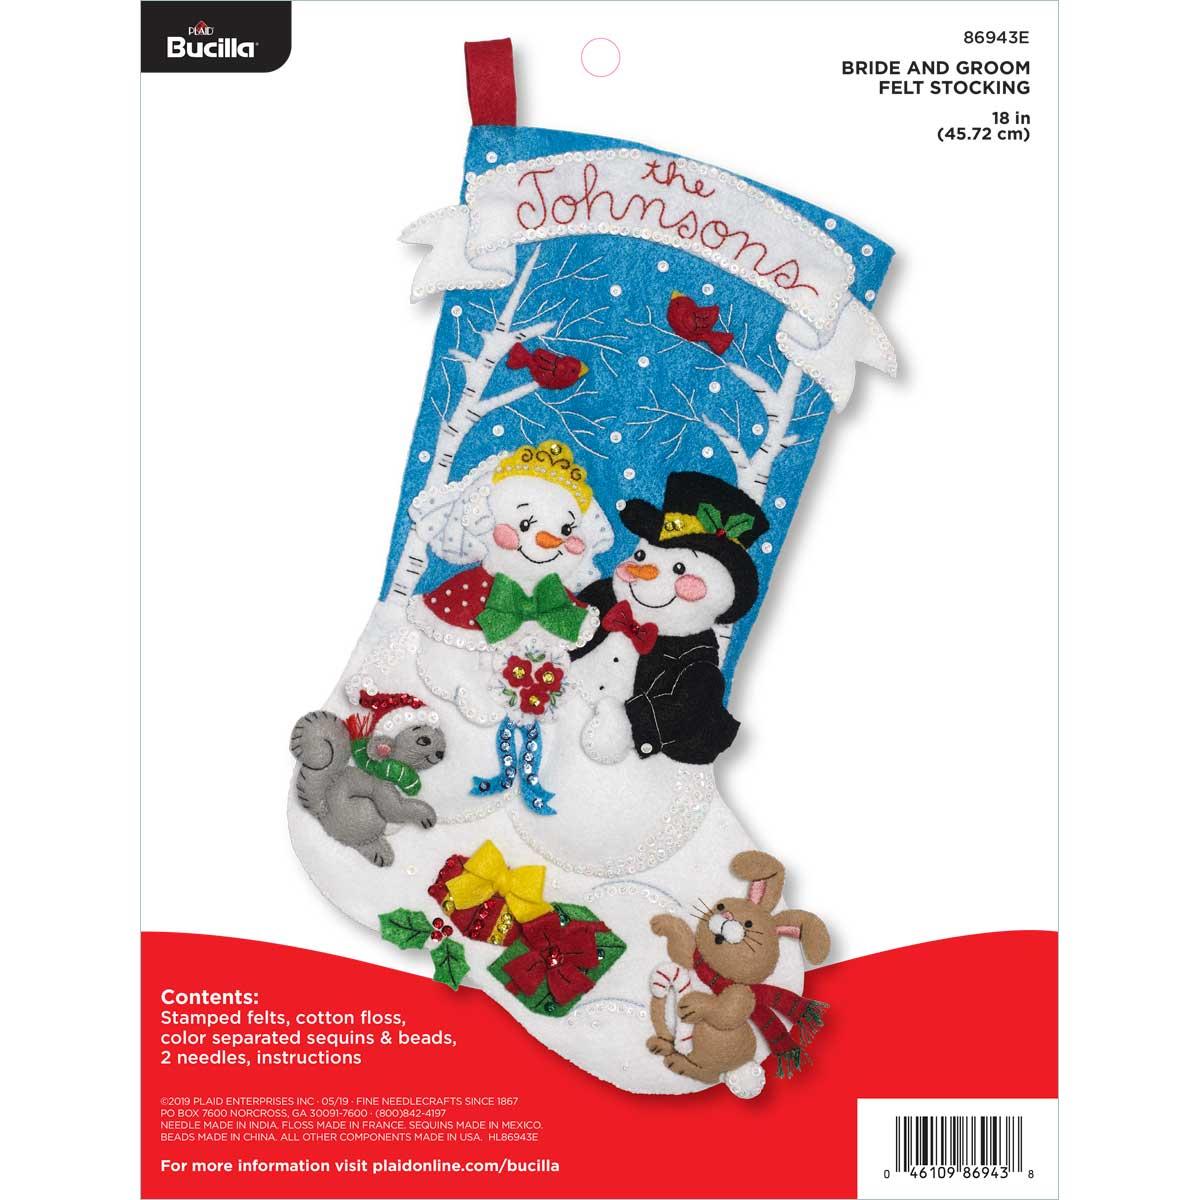 Bucilla ® Seasonal - Felt - Stocking Kits - Bride and Groom